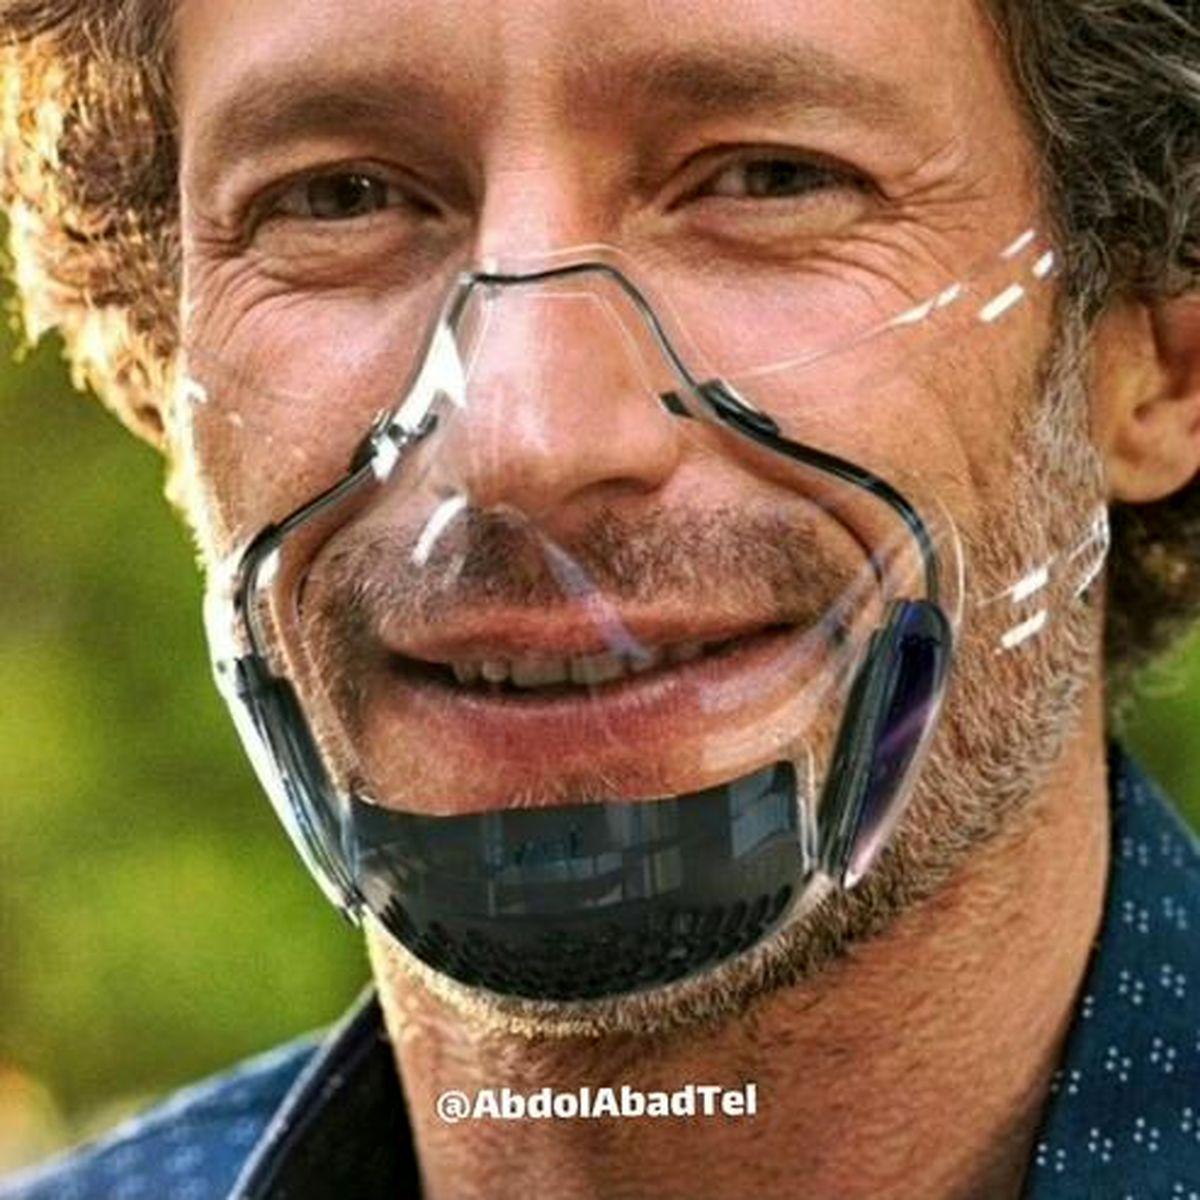 نخستین ماسکی که لبخند شما را پنهان نمیکند +عکس